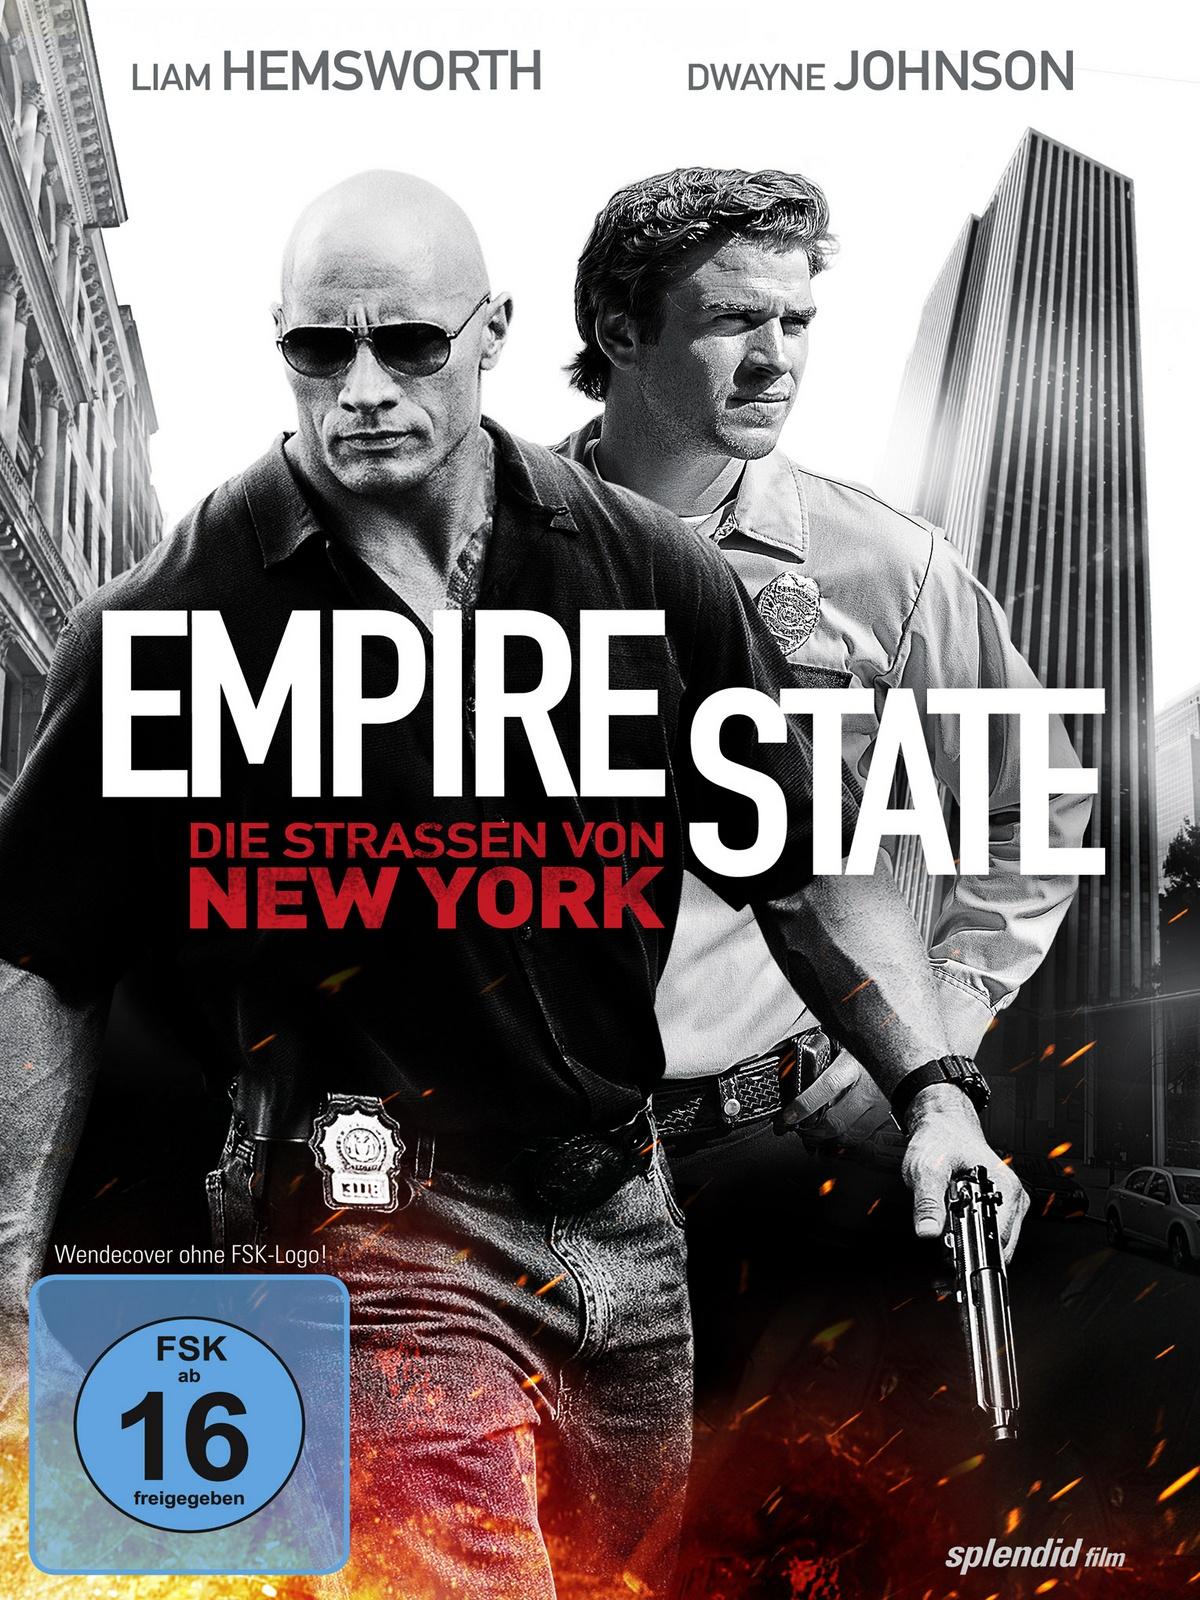 empire state die strassen von new york film 2013. Black Bedroom Furniture Sets. Home Design Ideas